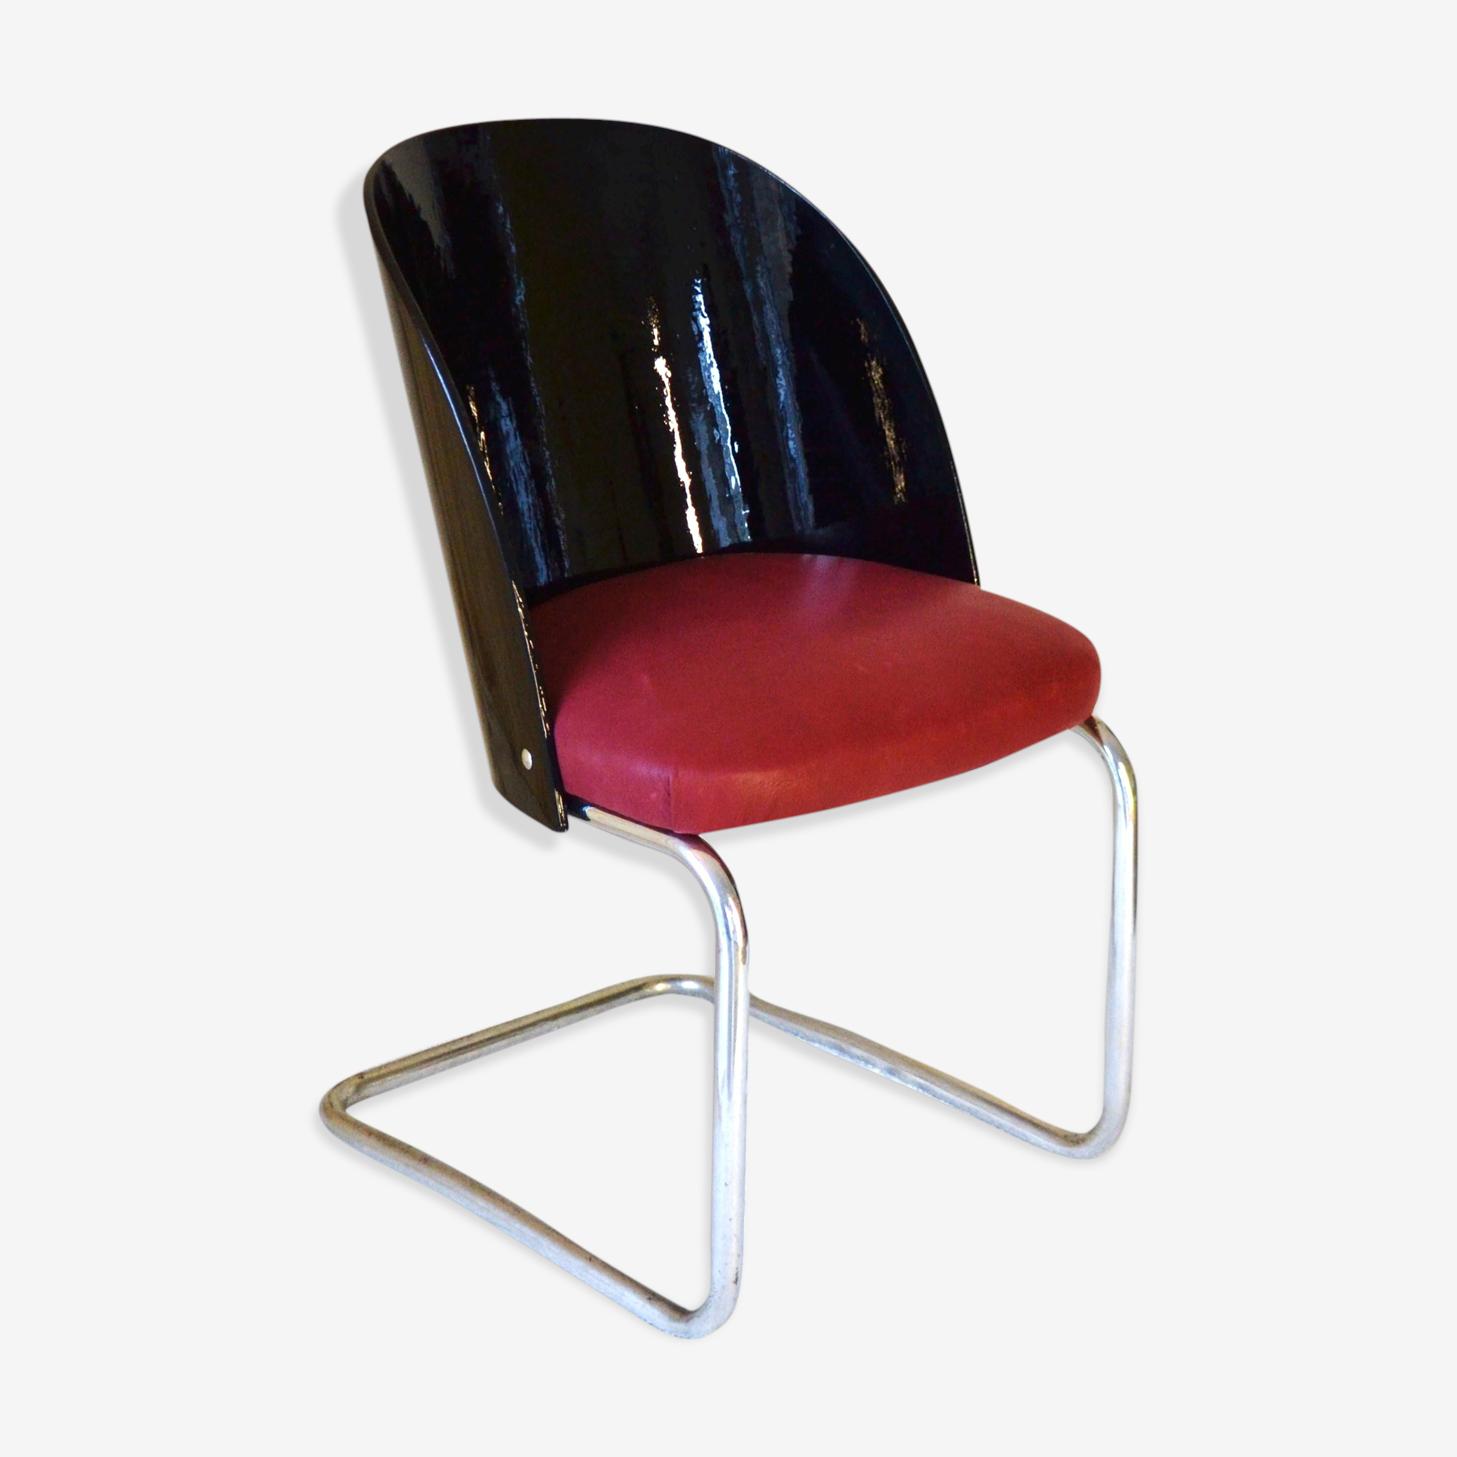 Chaise de style Bauhaus Thonet B247 années 1930